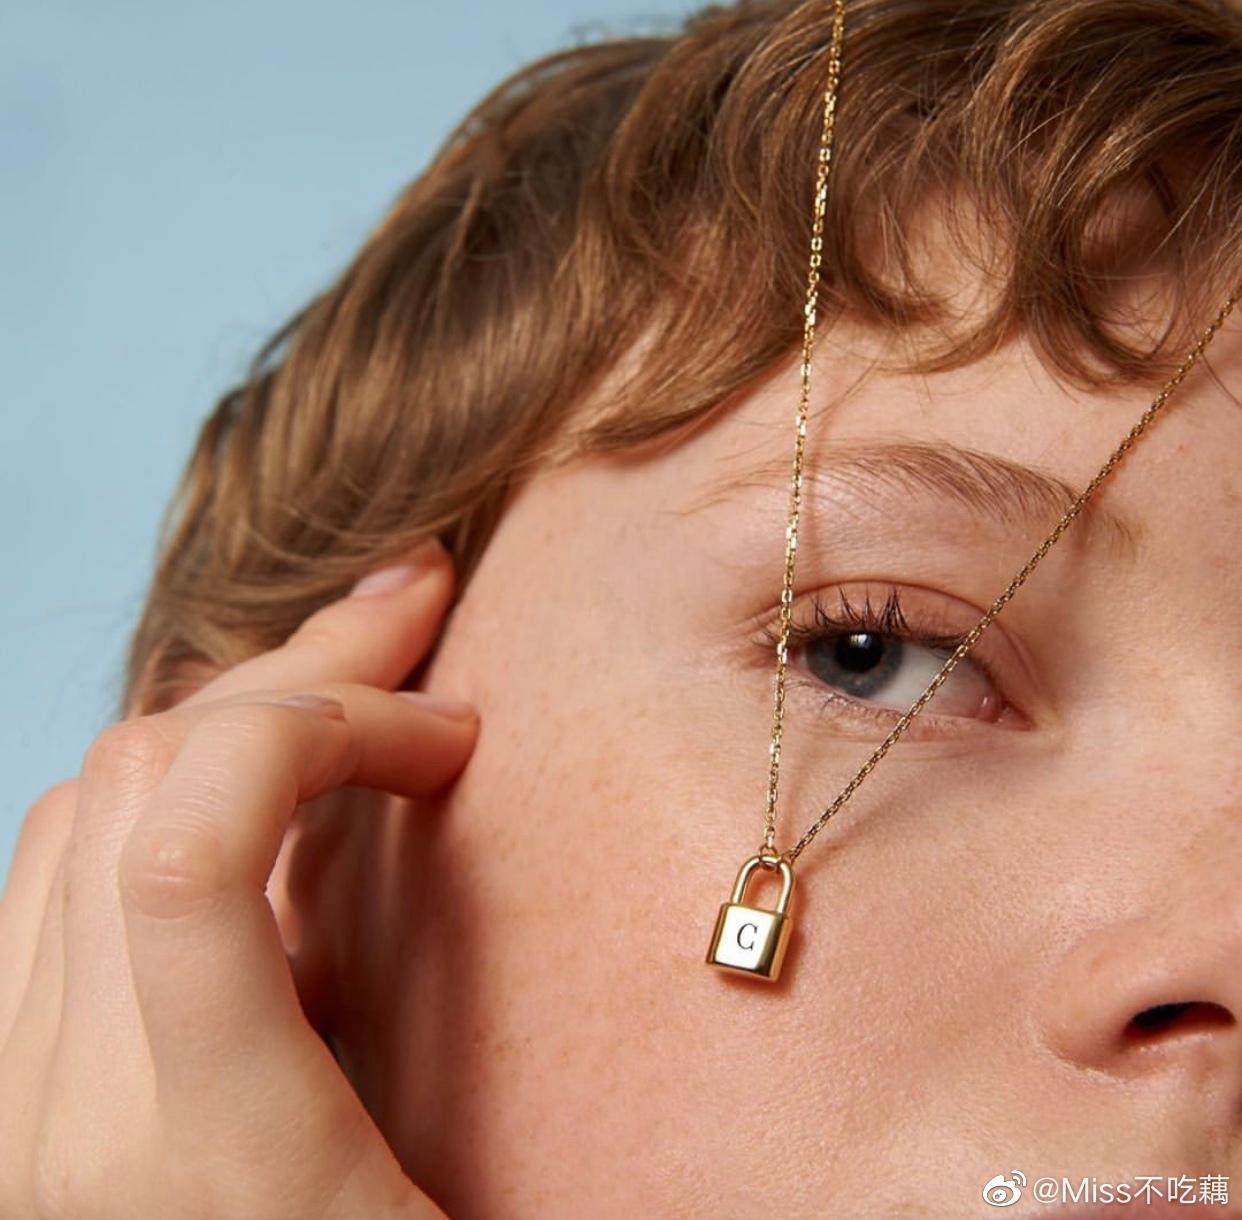 『低饱和度的宝藏金属饰品』西班牙小众珠宝首饰PDPAOLA藕胖推荐理